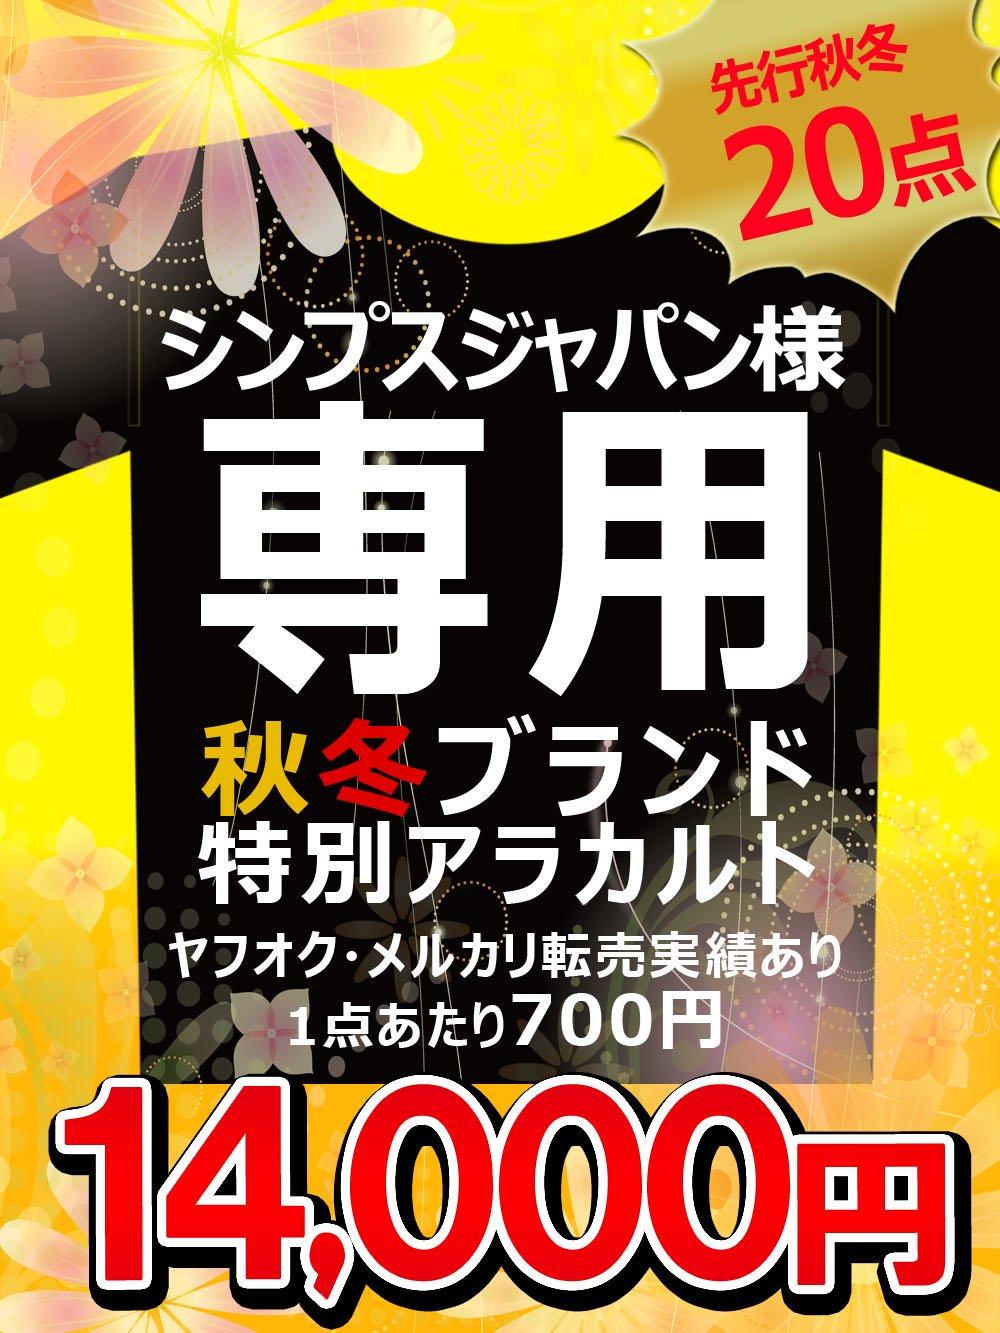 シンプスジャパン様限定セット★特別アソート@500